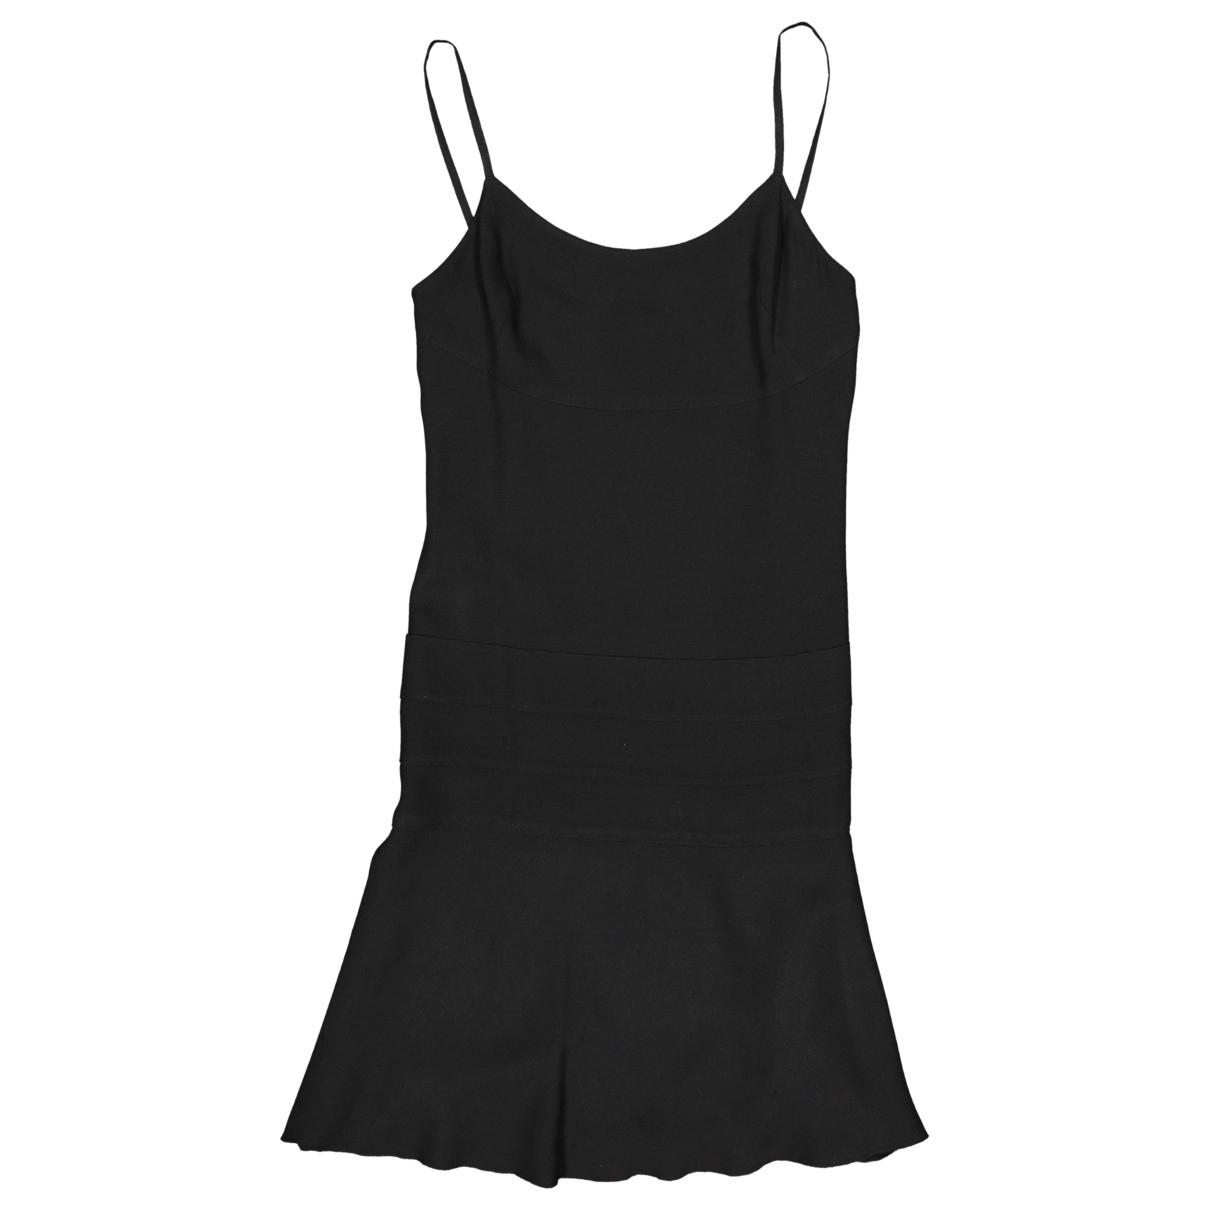 Chanel \N Black dress for Women 36 FR